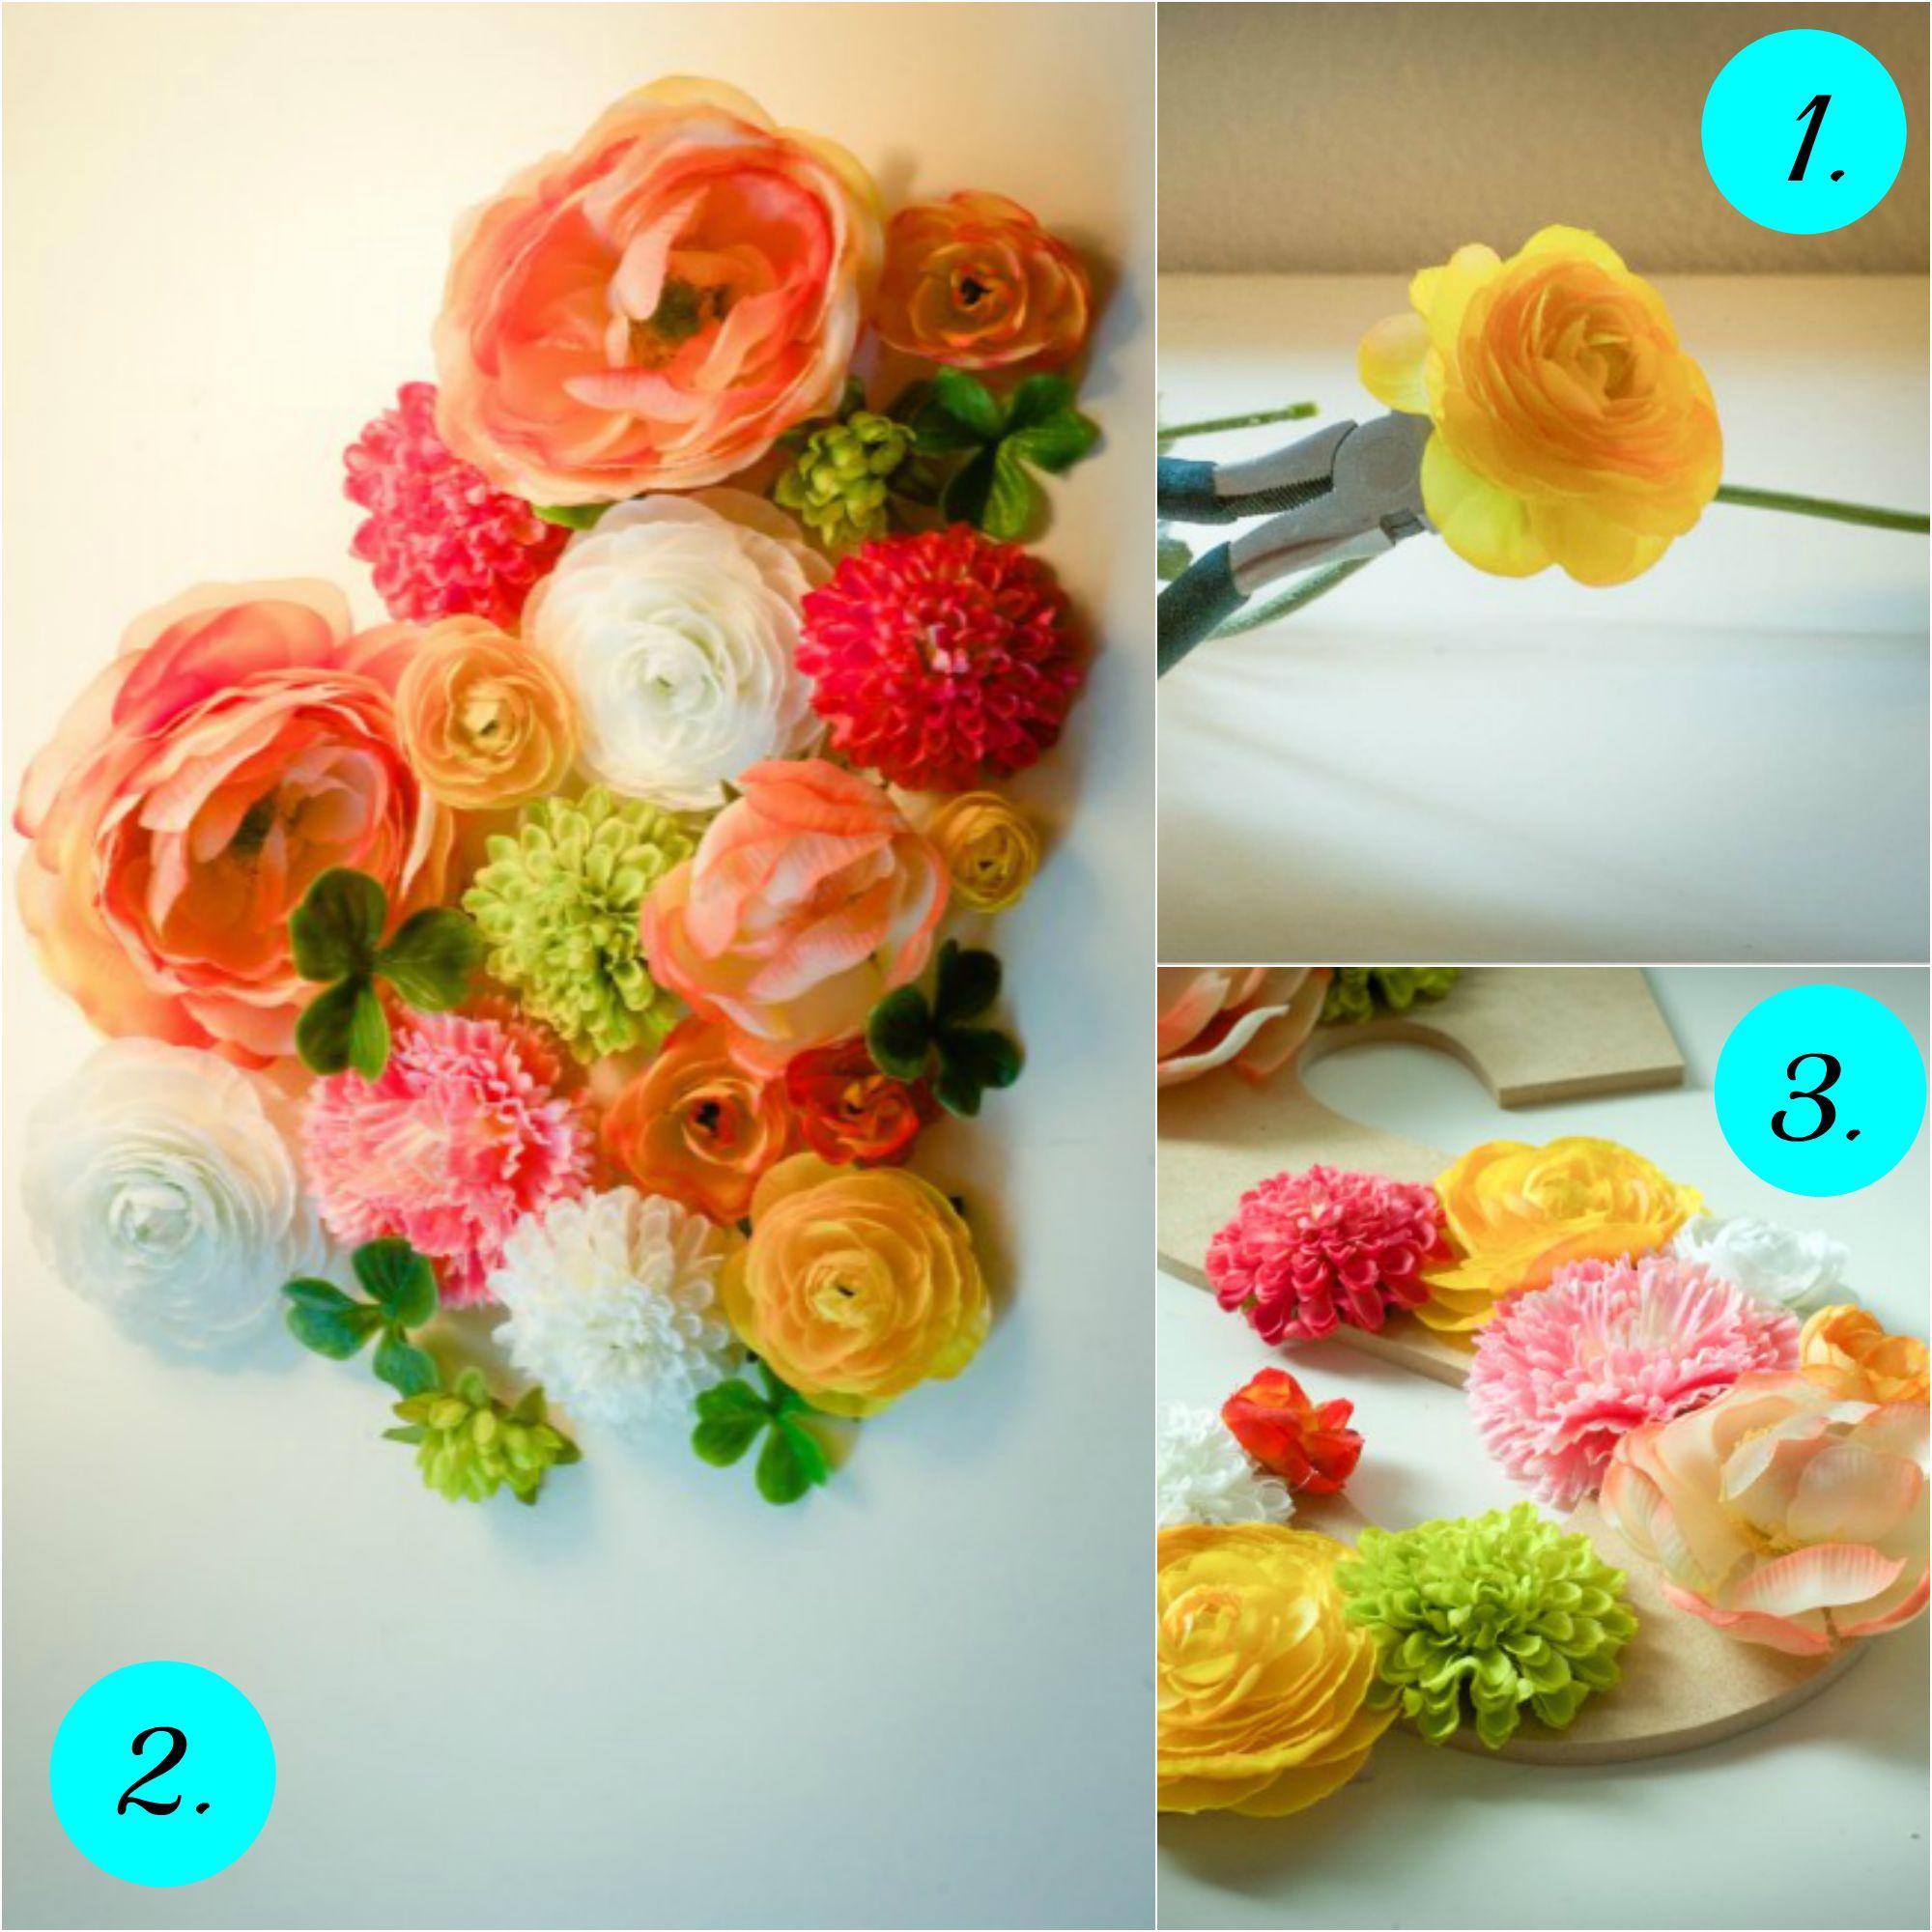 Postupak izrade: isecite drške cveća i poređajte cvetove na slova pre lepljenja.